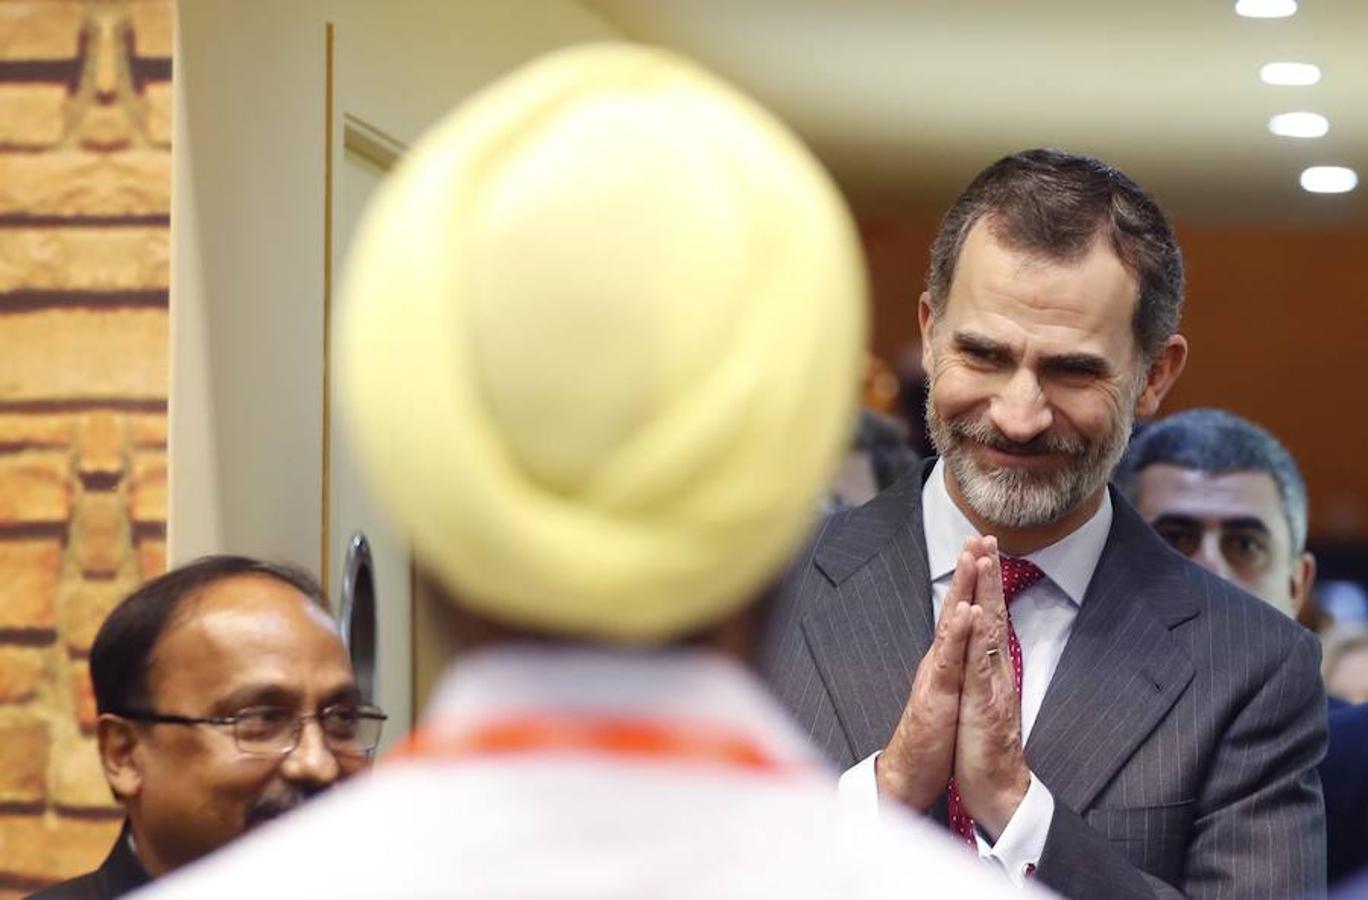 El Rey Felipe VI saluda a un hindú durante el recorrido que los reyes han realizado hoy por la trigésimo octava Feria Internacional de Turismo (Fitur), que acoge este año a unas 10.000 entidades públicas y privadas de 165 países